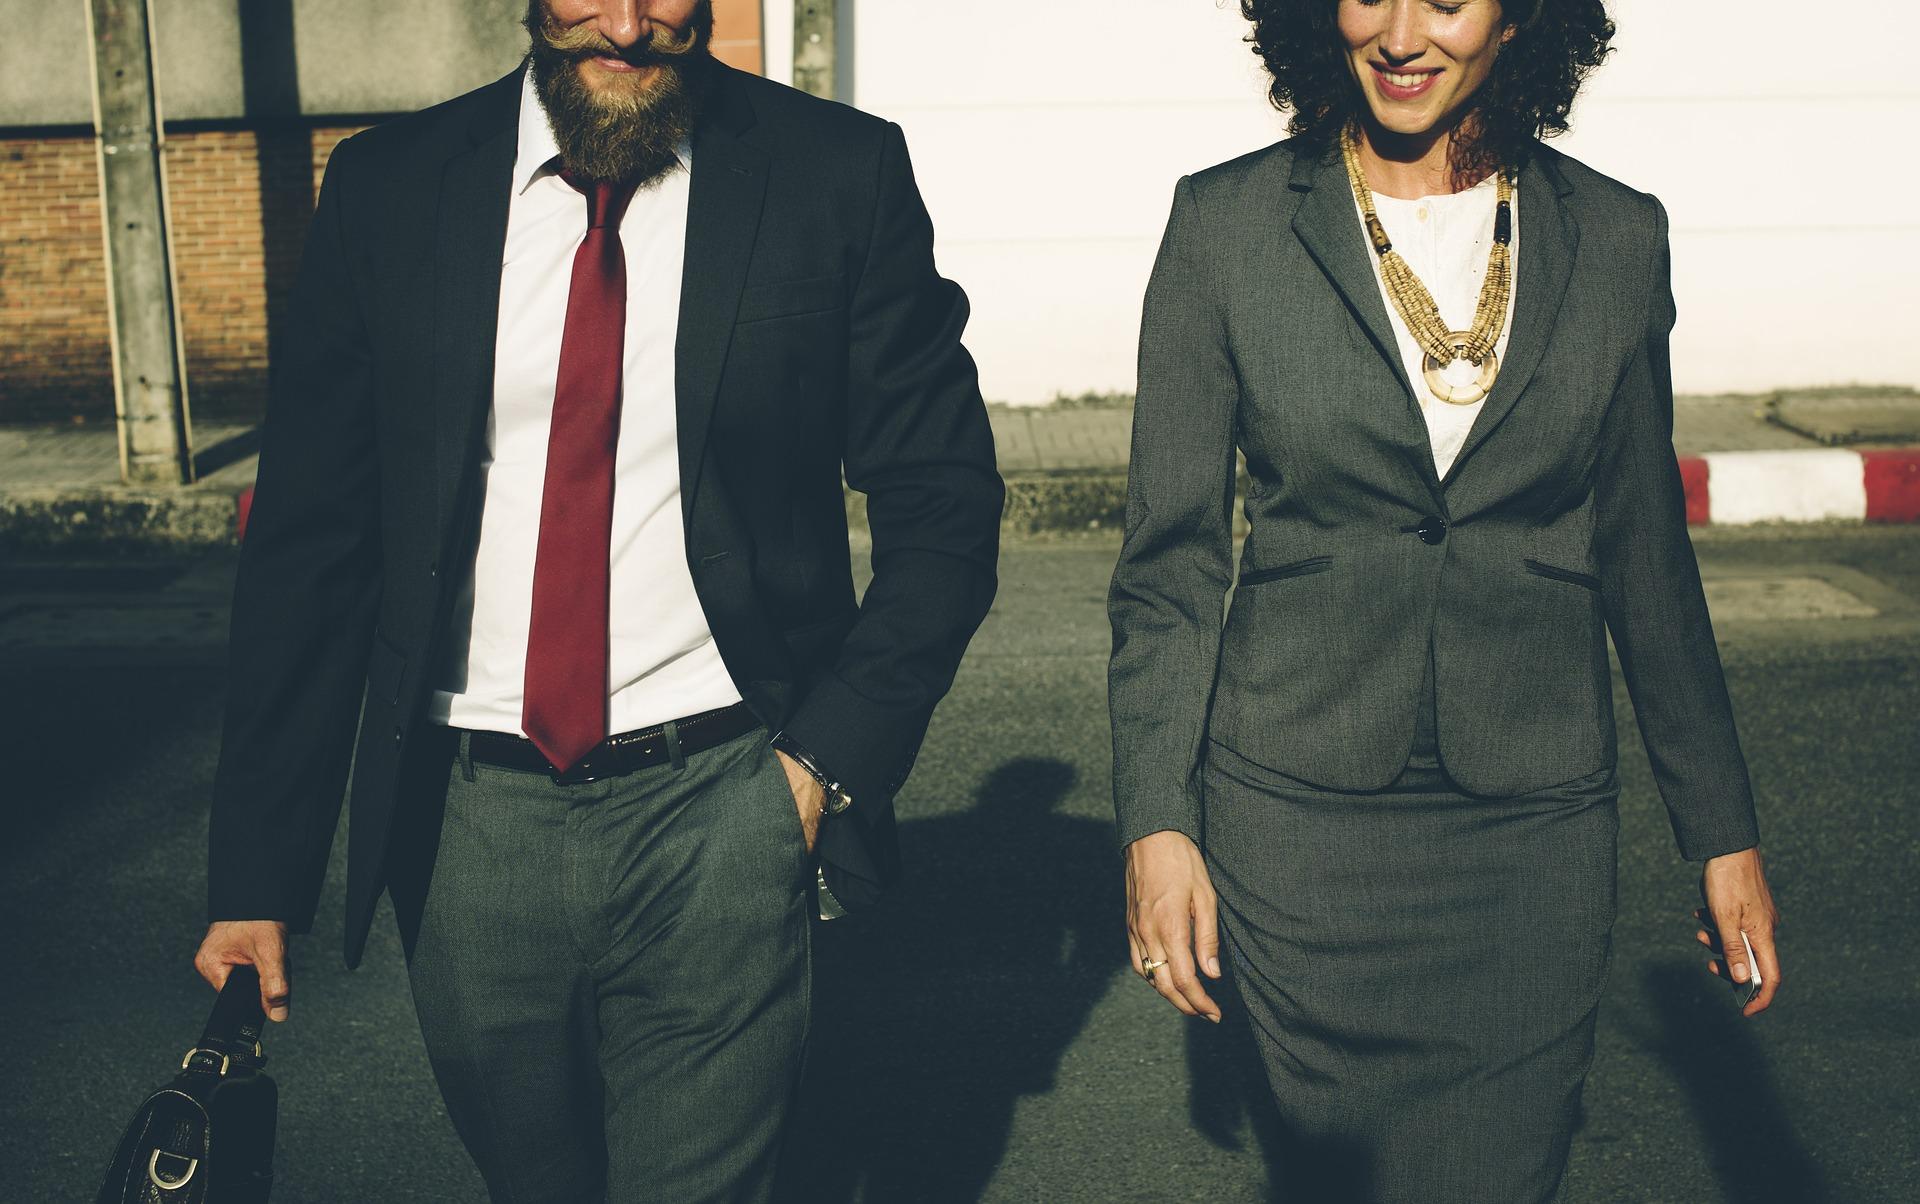 Prijateljstvo na poslu: Prednost ili prepreka?